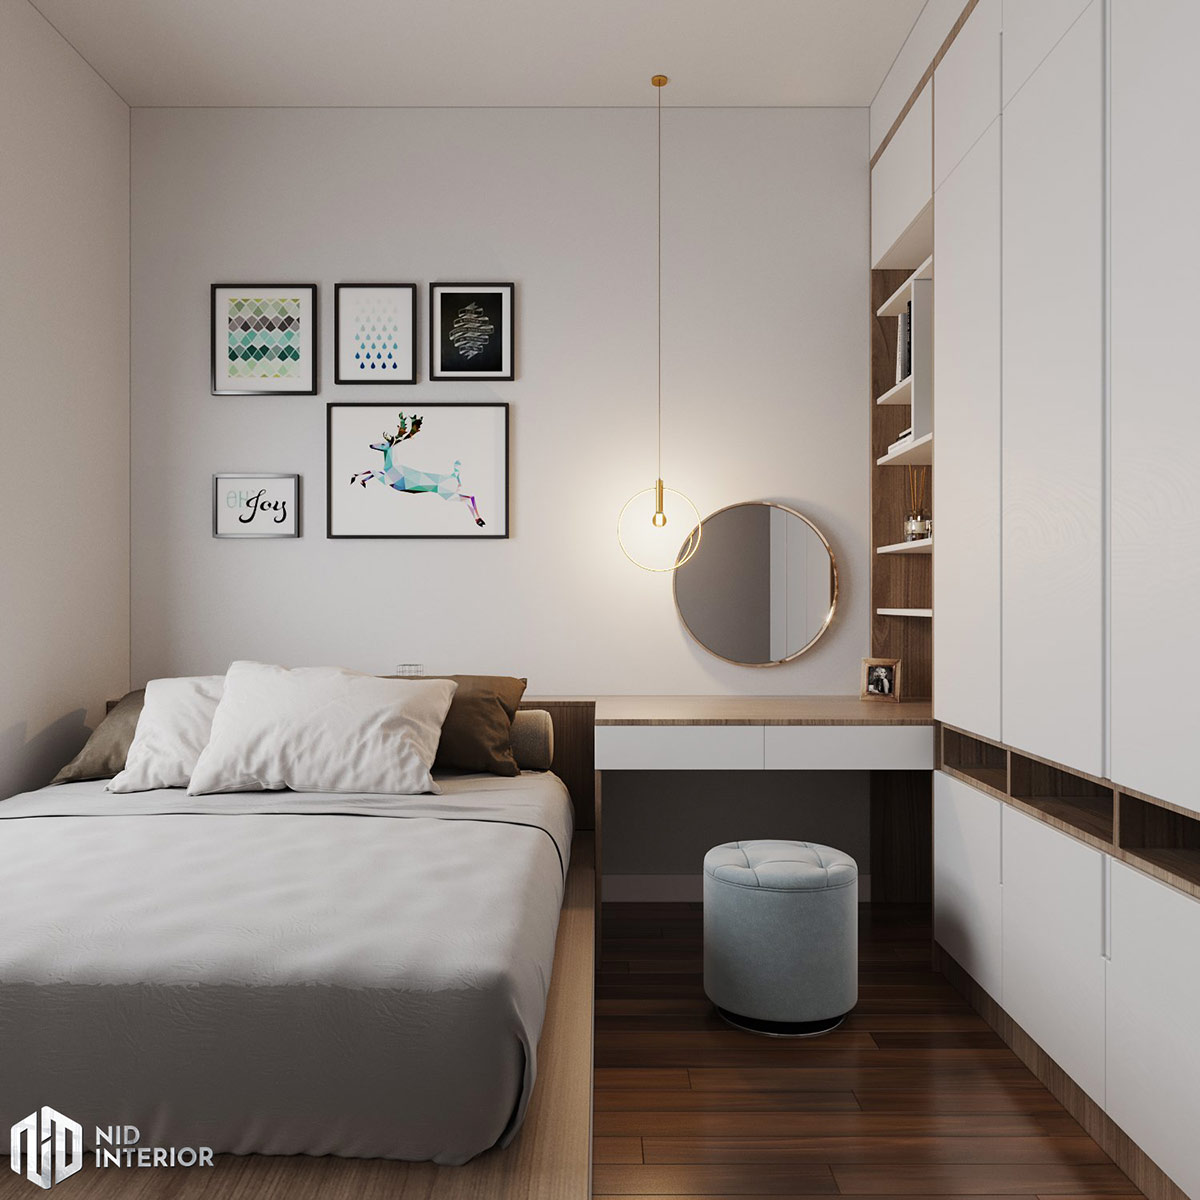 Thiết kế nội thất căn hộ Lavita Charm 67m2 - Phòng master